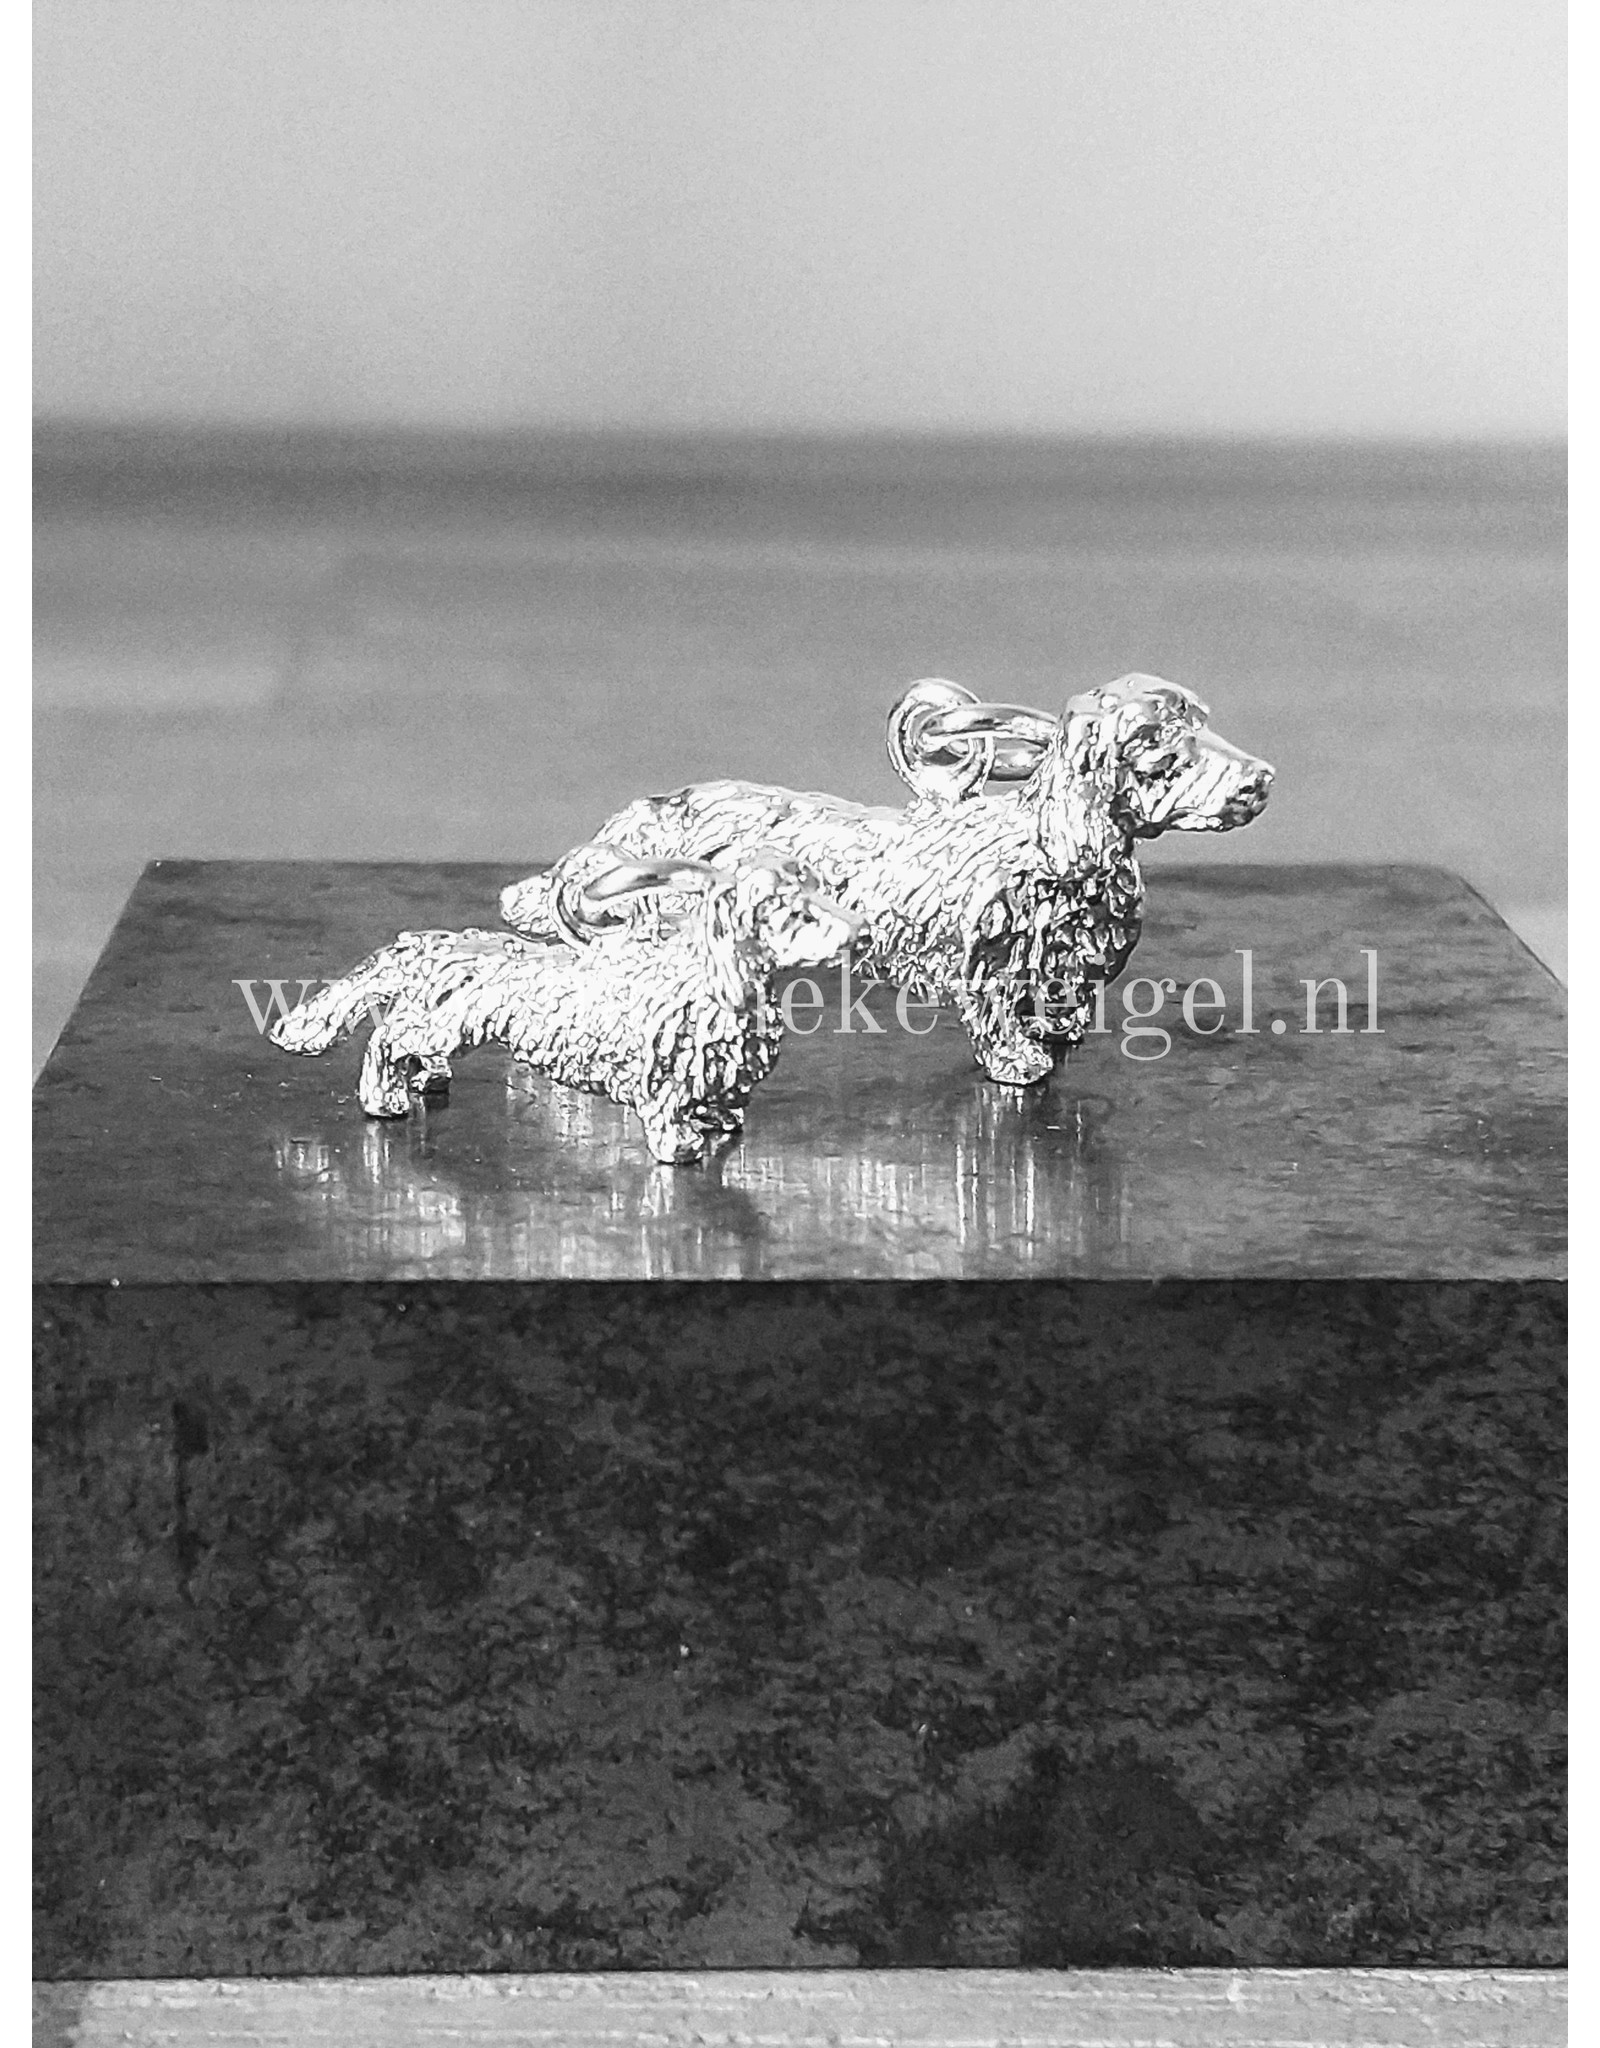 Handmade by Hanneke Weigel Sterling silver dachshund  langhaar